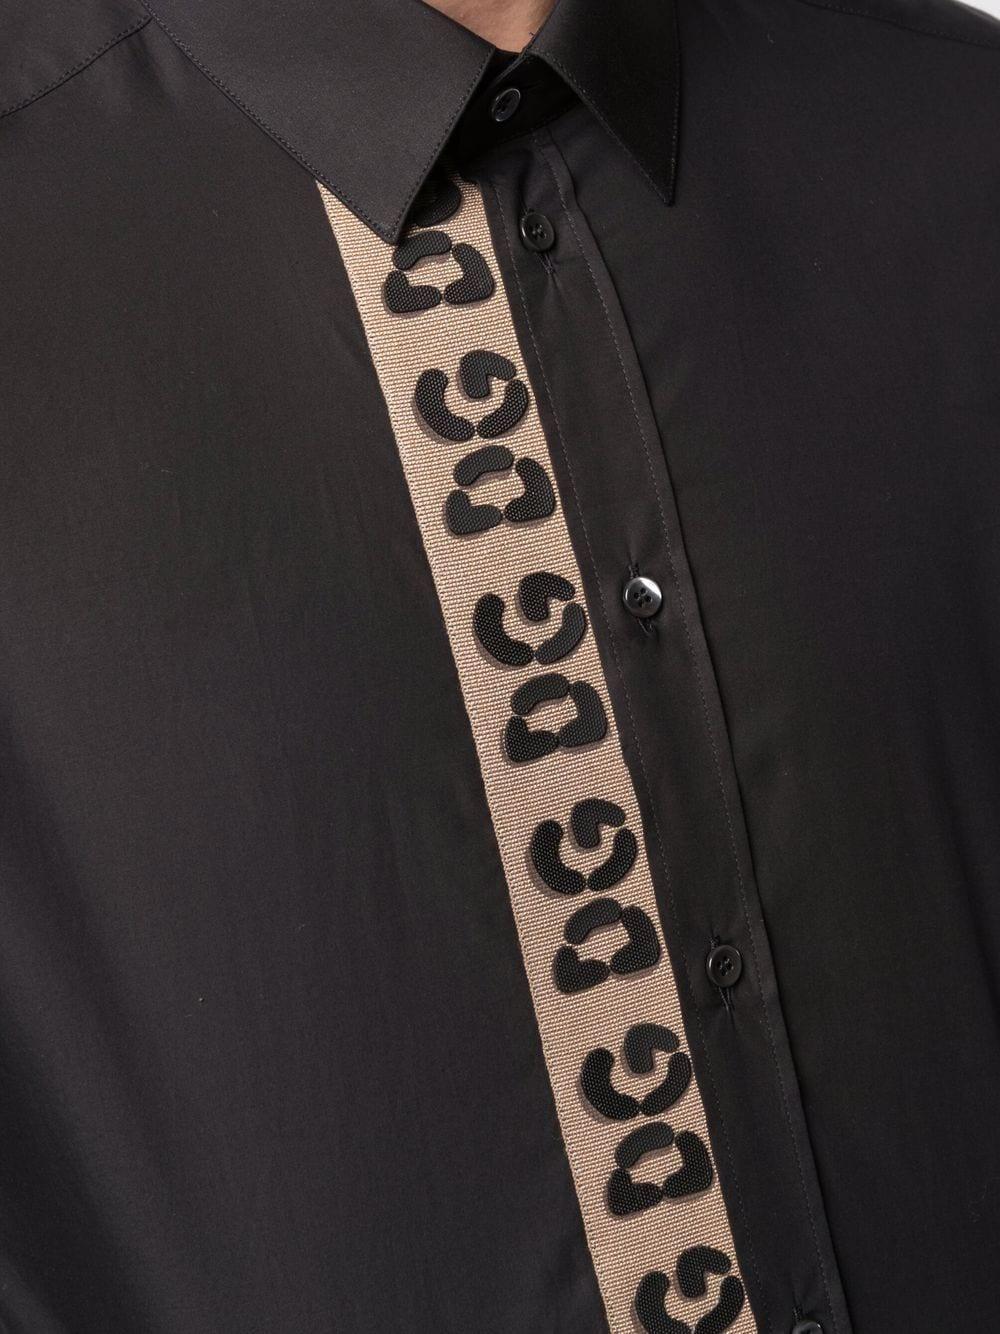 Camicia nera in cotone con logo DG ricamato verticale marrone DOLCE & GABBANA | Camicie | G5EJ1Z-GEU22N0000